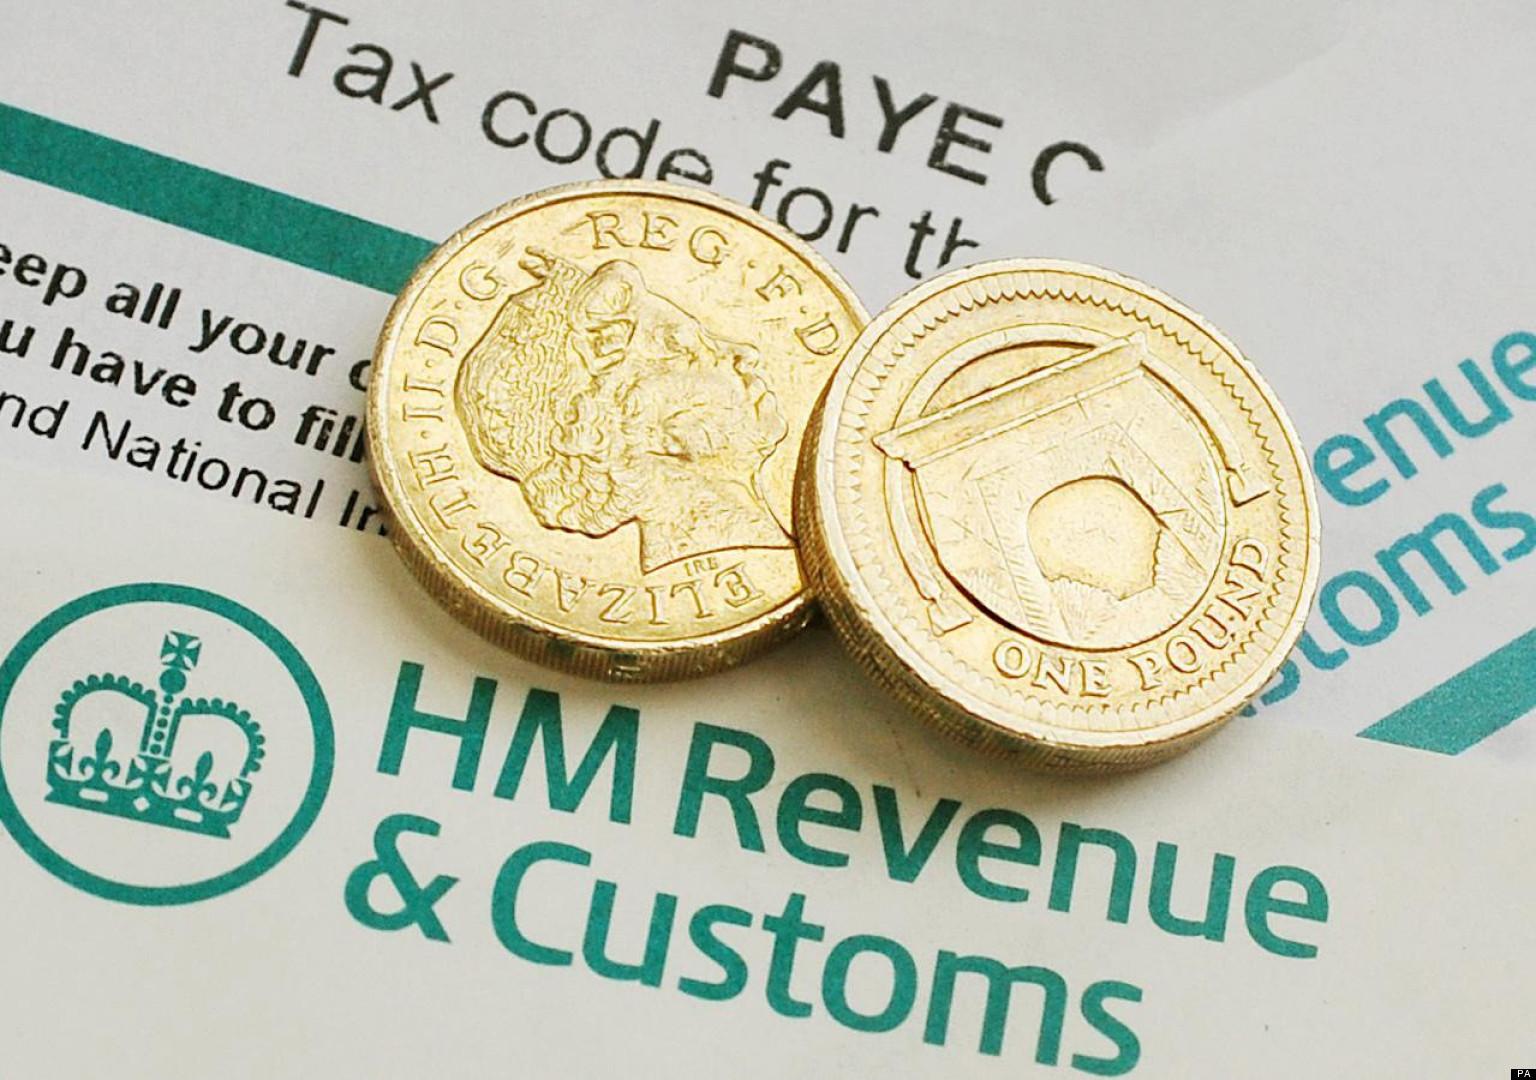 Крупнейшие банки мира уклоняются от уплаты налогов в Великобритании